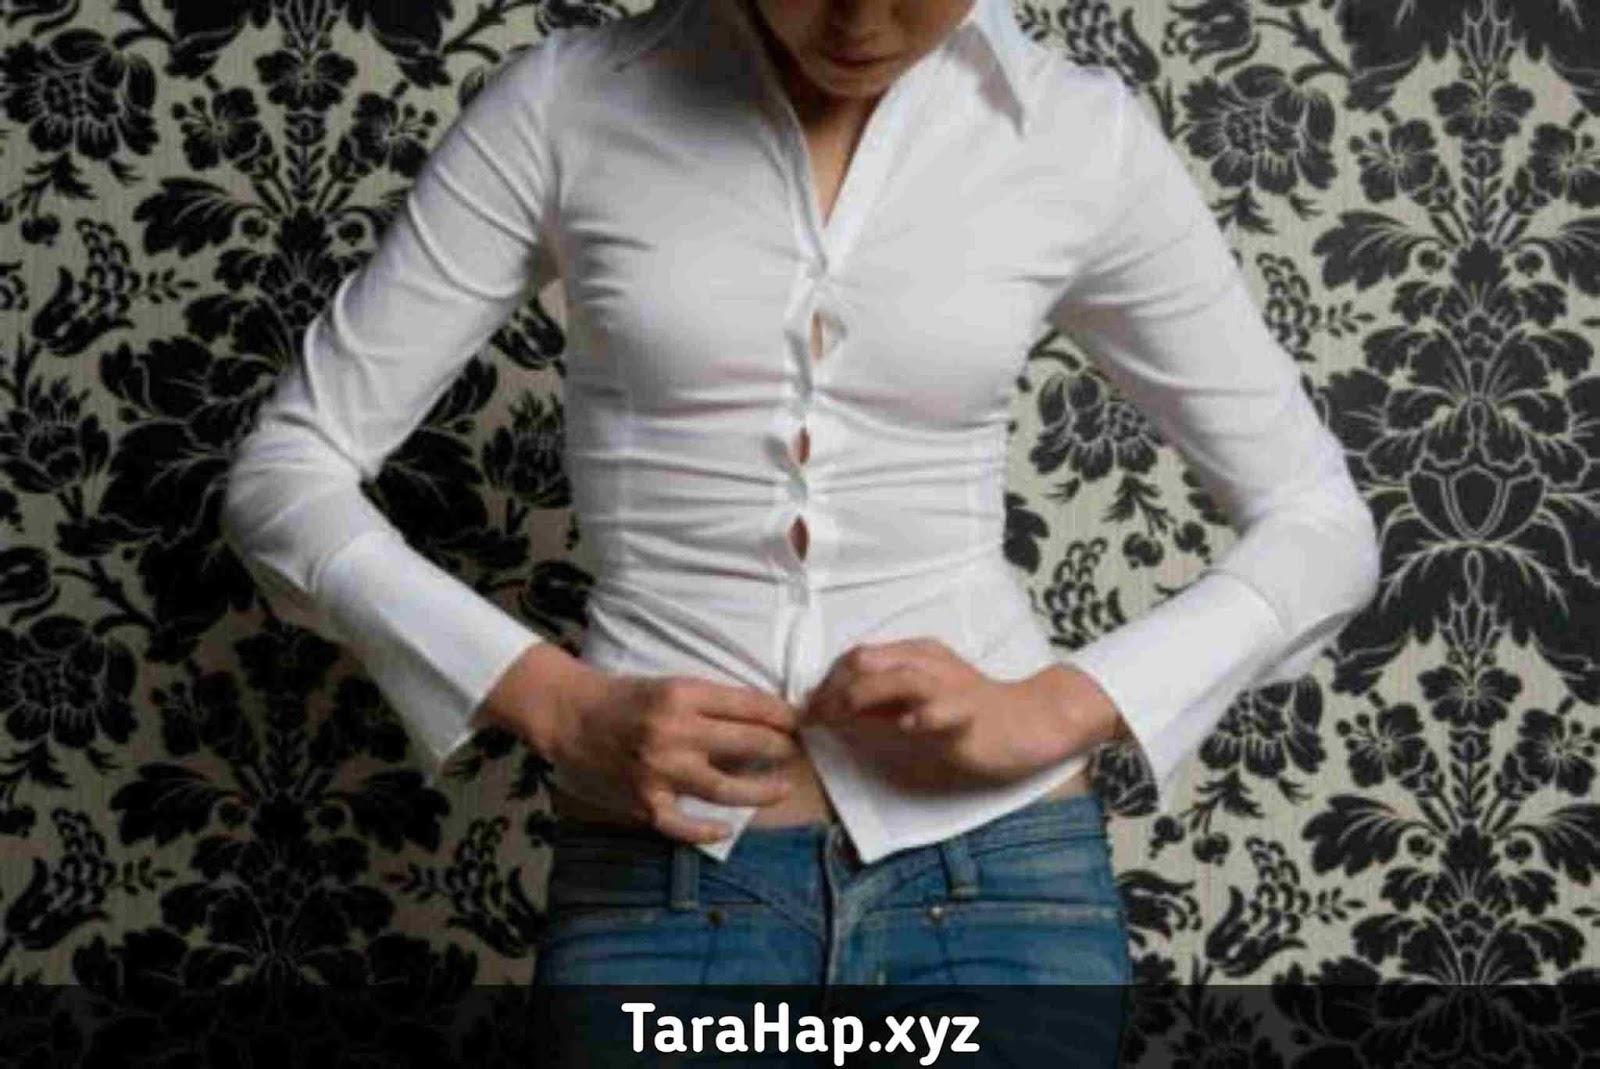 Bahaya Menggunakan Pakaian Ketat